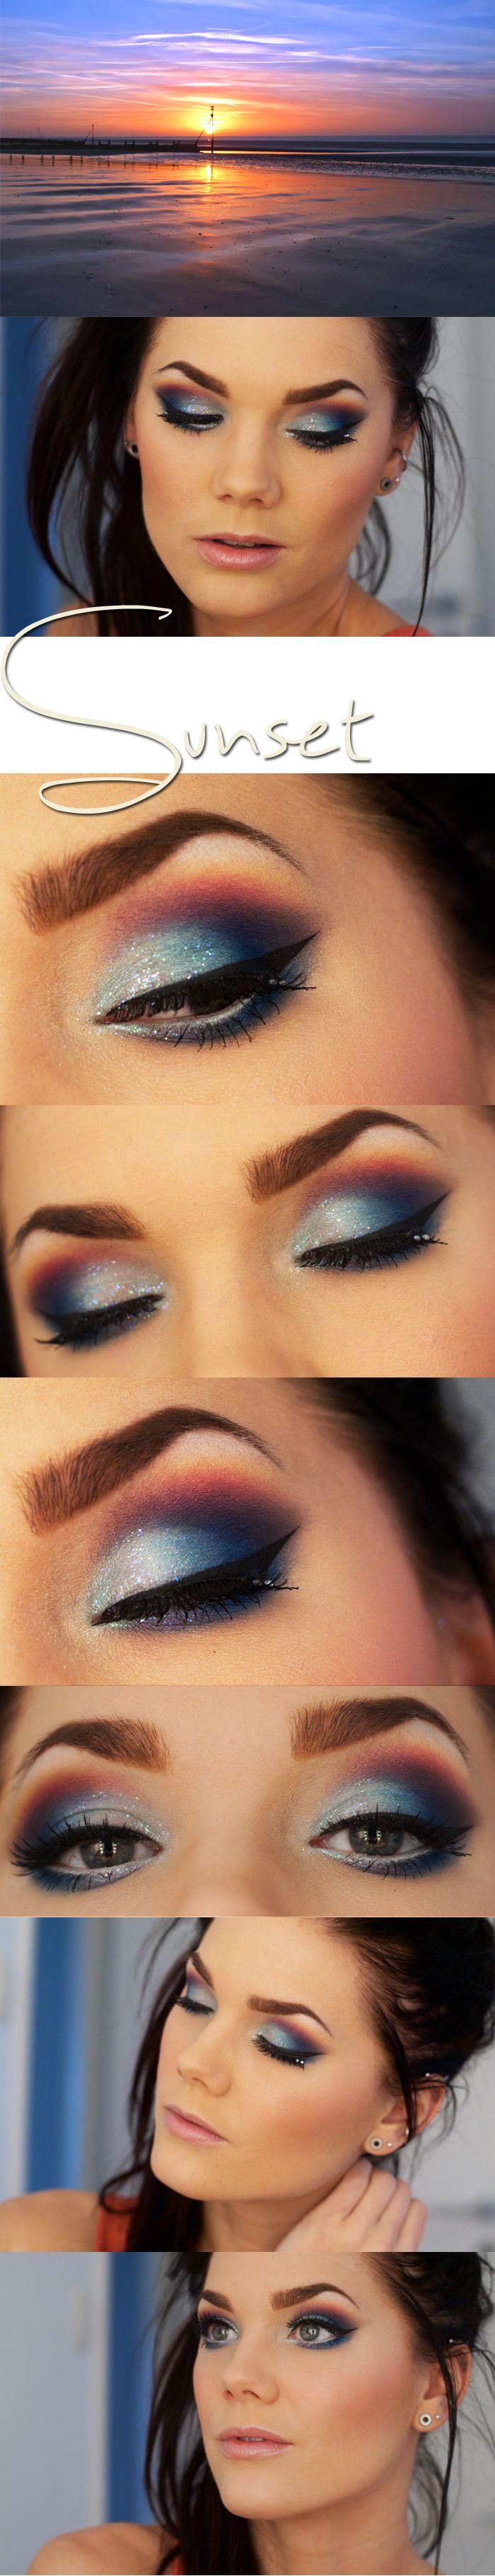 Sunset  Linda Hallberg -makeup artist